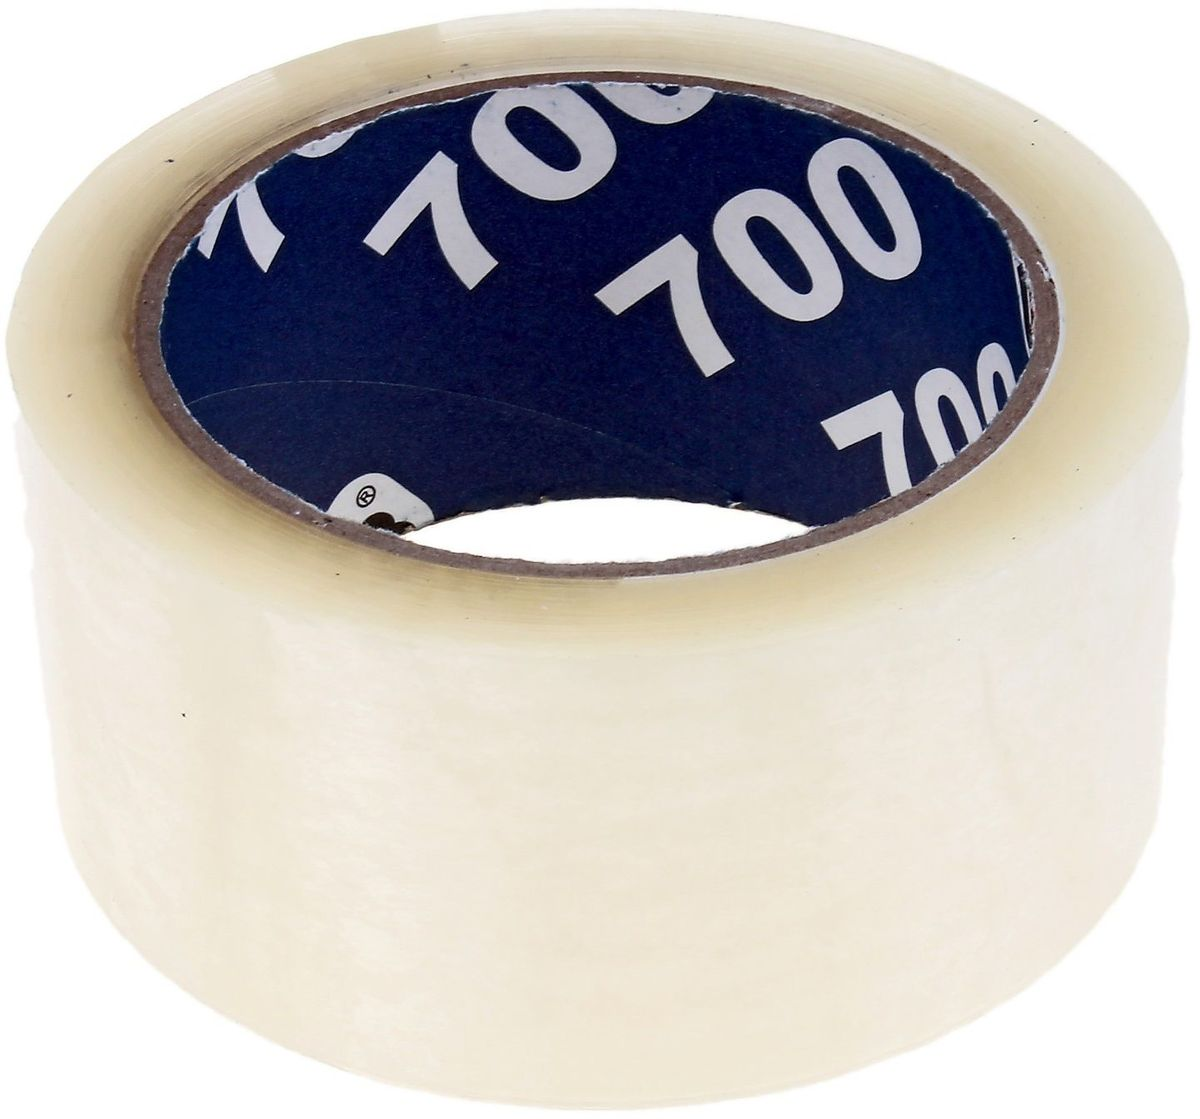 Клейкая лента 48 мм х 66 м цвет прозрачный 691937FS-00261Клейкая лента на полипропиленовой основе это водонепроницаемое изделие, которое способно противостоять широкому диапазону температур. Применяется в быту для упаковки: легких и тяжелых коробок, изготовленных из гофрокартона, строительных смесей, масложировой продукции и мороженого, канцелярских товаров, промышленных товаров. Клейкая лента поможет скрепить предметы в любой ситуации, например, если вы делаете ремонт или меняете место жительства и пакуете коробки.